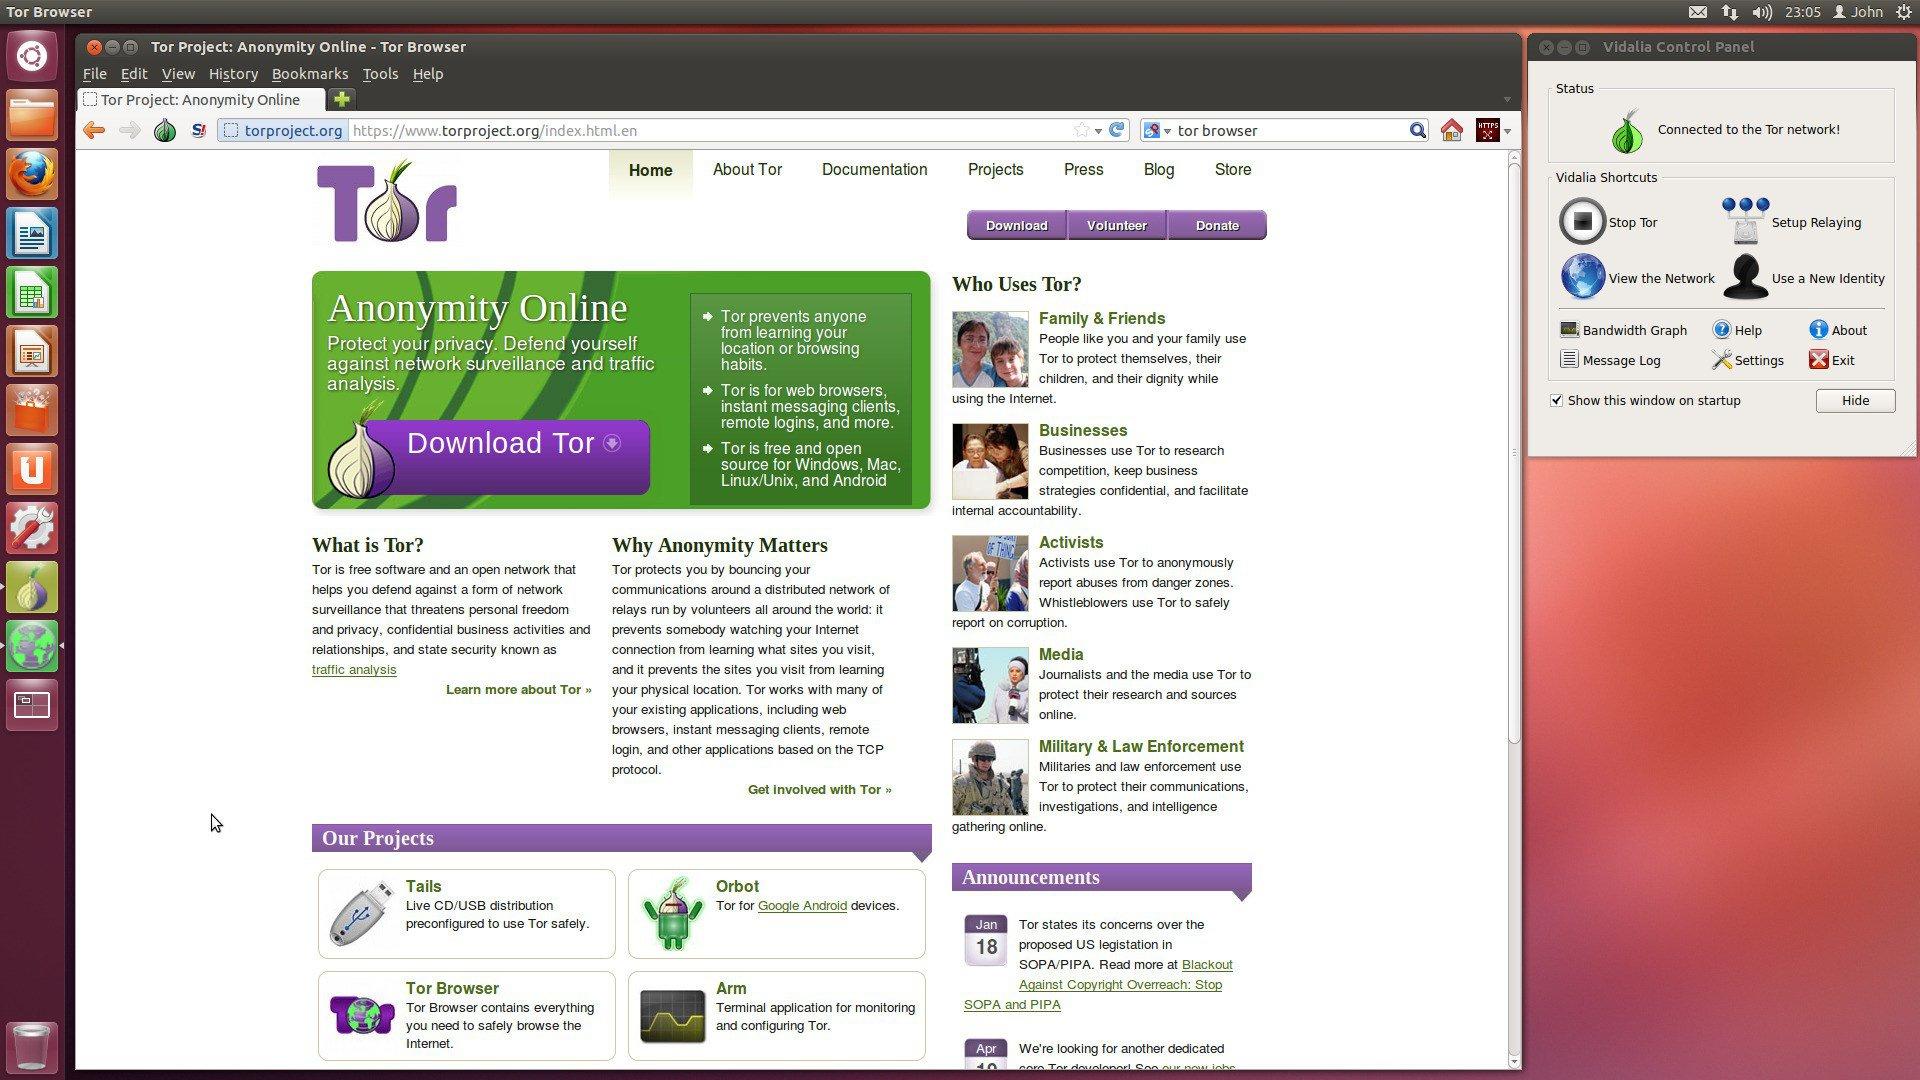 Отзывы tor browser bundle hudra запомнить пароль в тор браузере gydra